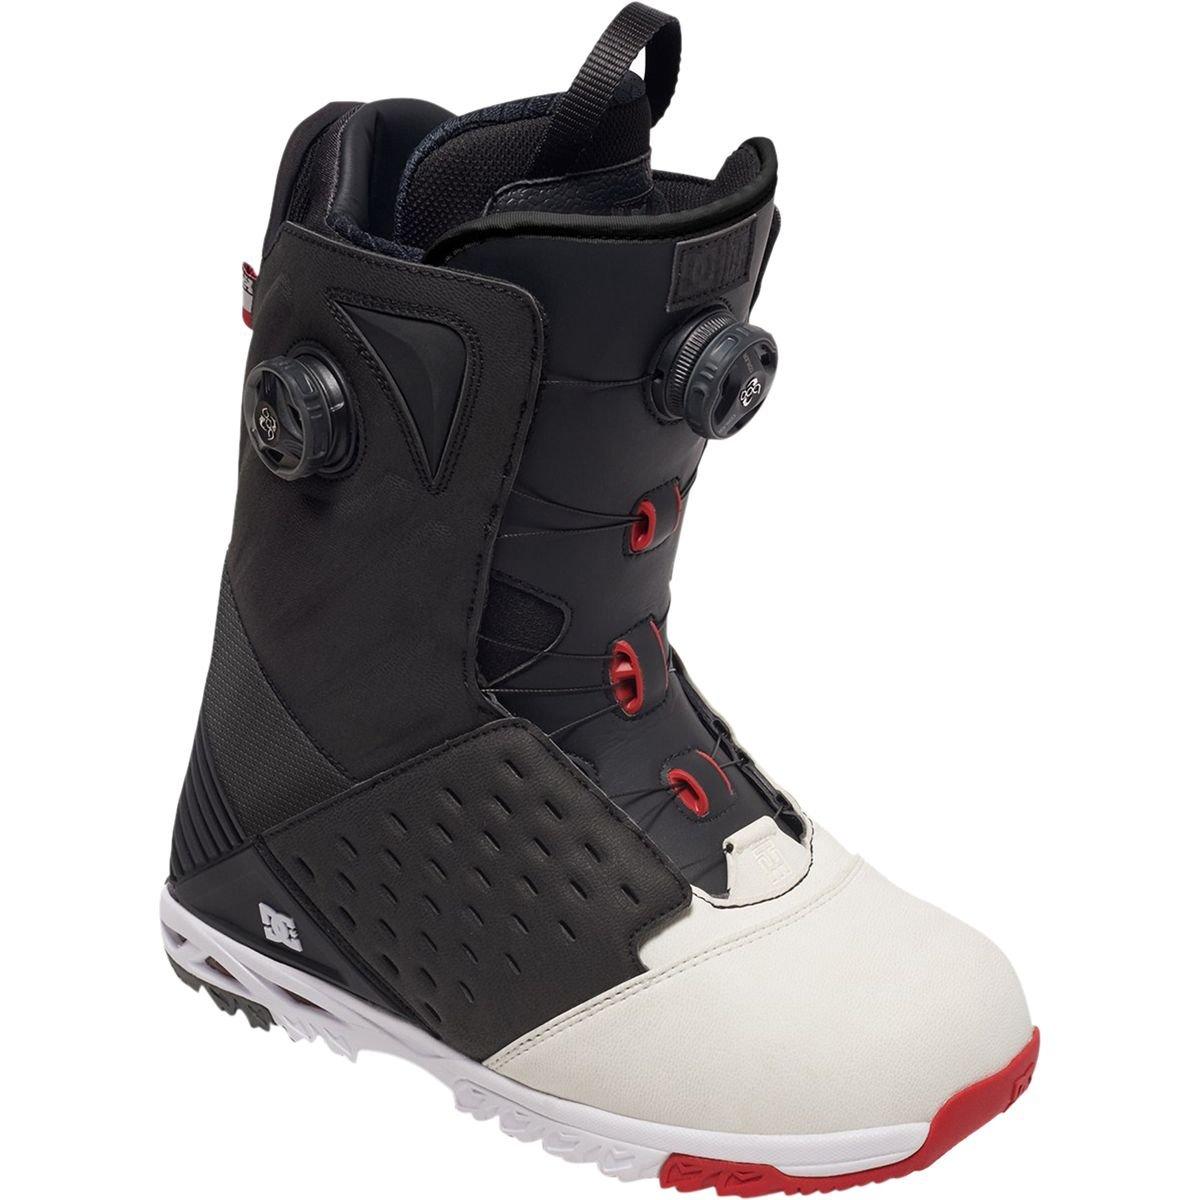 DC - Herren Torstein Horgmo Snowboard Stiefel, 40.5, schwarz Weiß rot